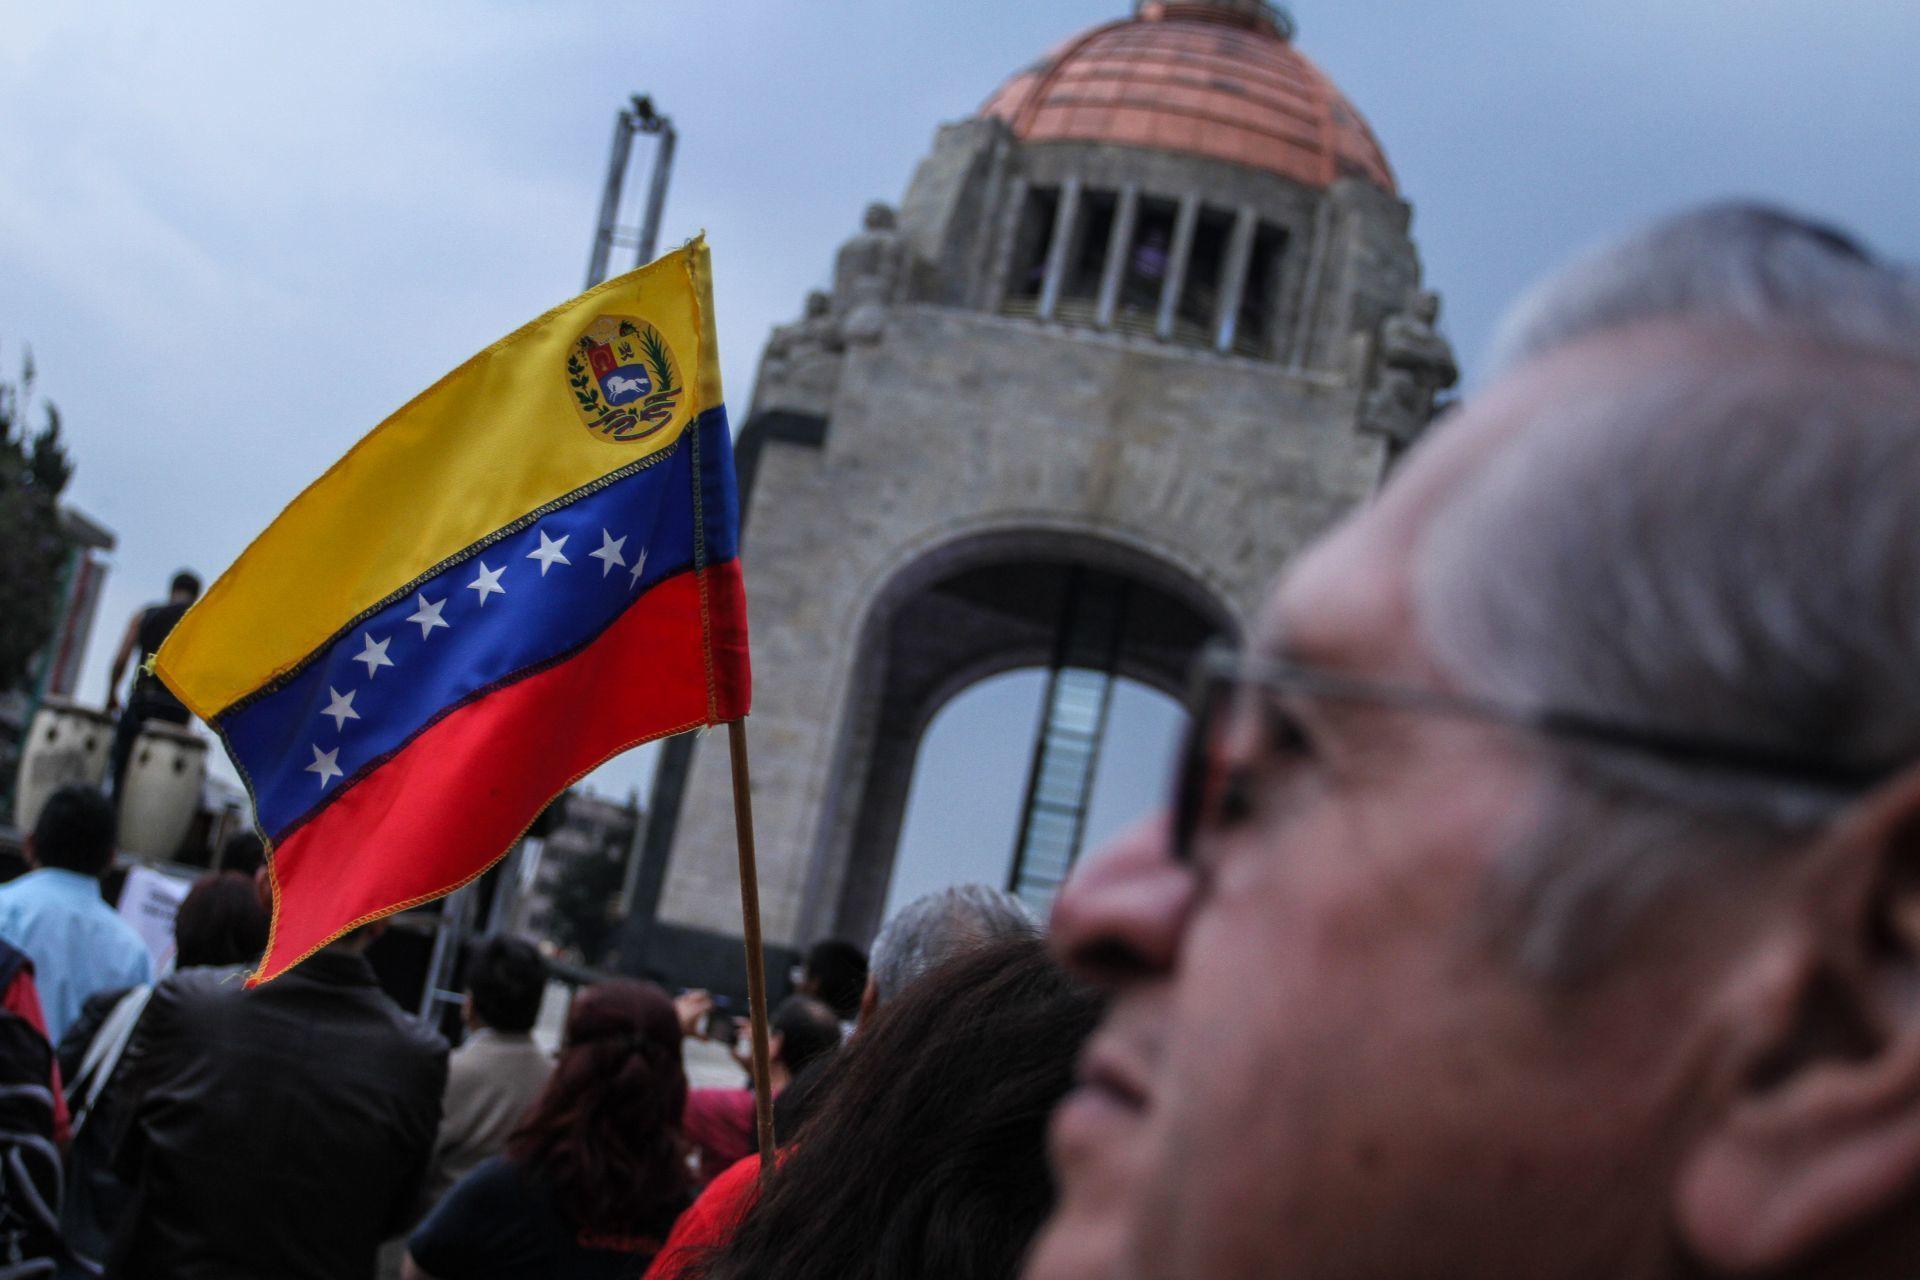 Movilización de simpatizantes del gobierno venezolano de Nicolás Maduro en la CDMX (Cuartocuro)